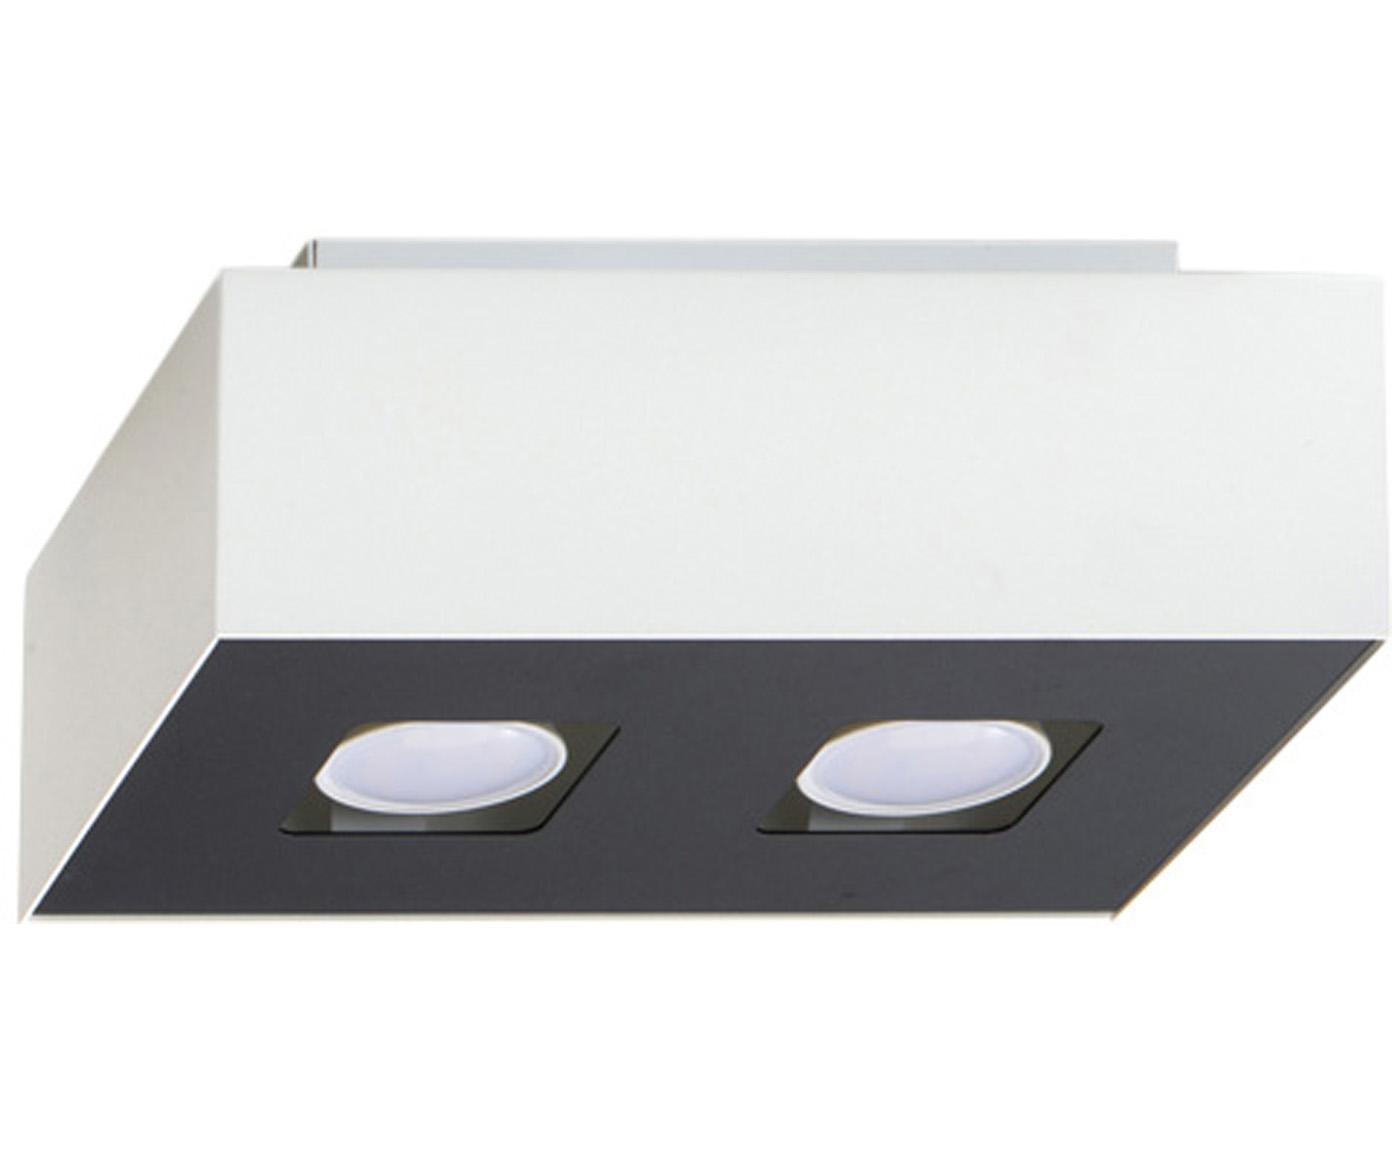 Kleine plafondlamp Hydra, Lampenkap: gecoat staal, Baldakijn: gecoat staal, Wit, zwart, 24 x 11 cm